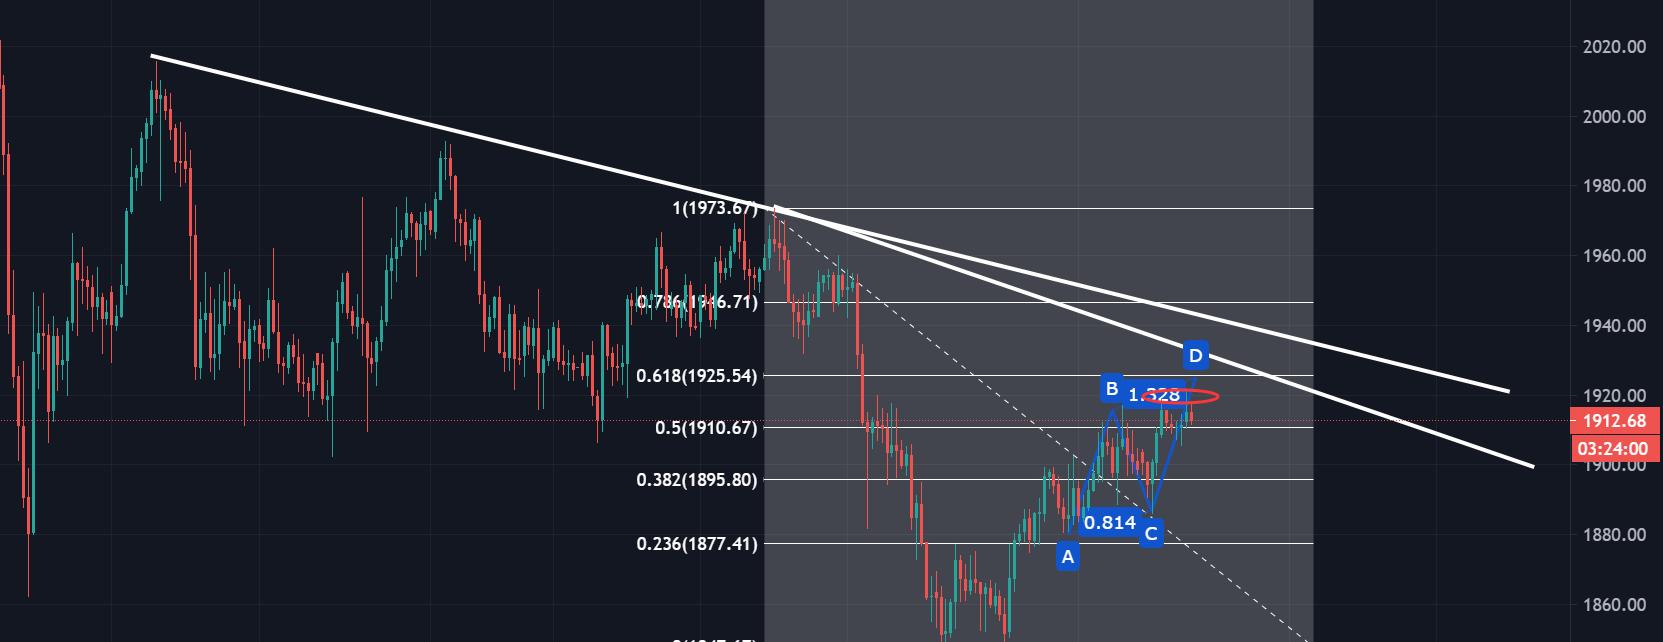 市場仿佛都在告訴你黃金不能看跌-圖3